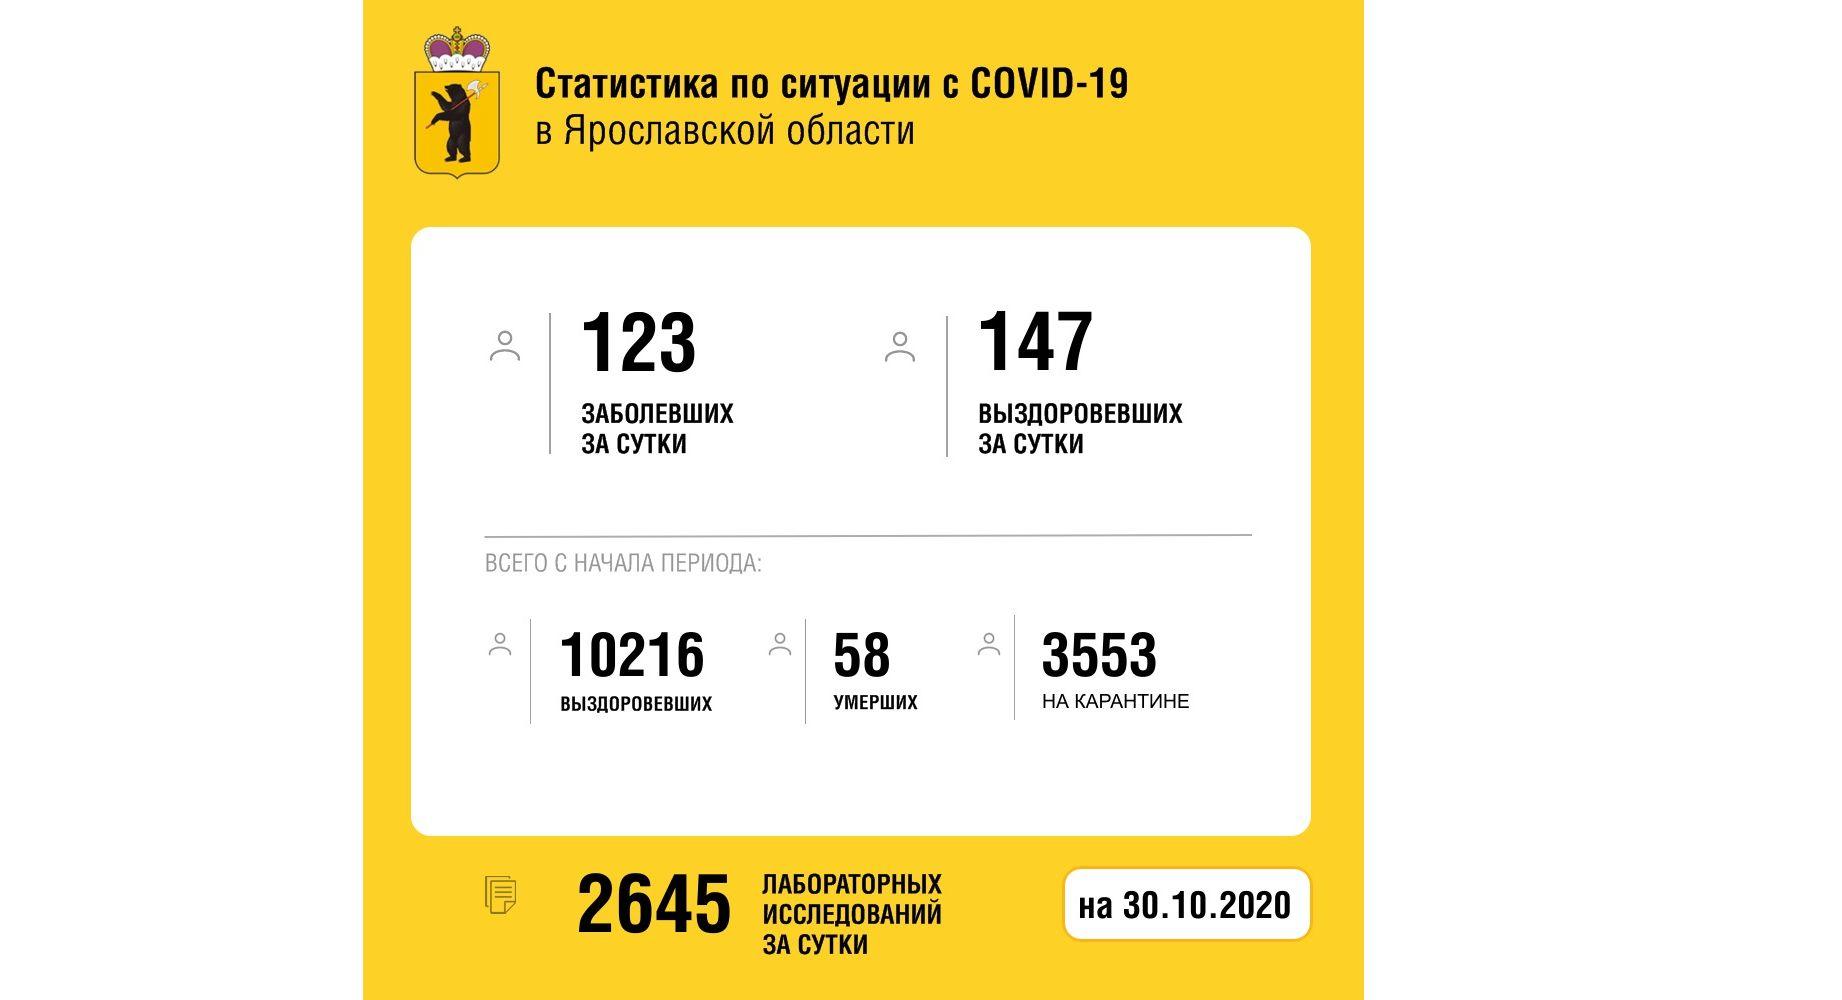 Еще 147 жителей Ярославской области вылечили от коронавируса